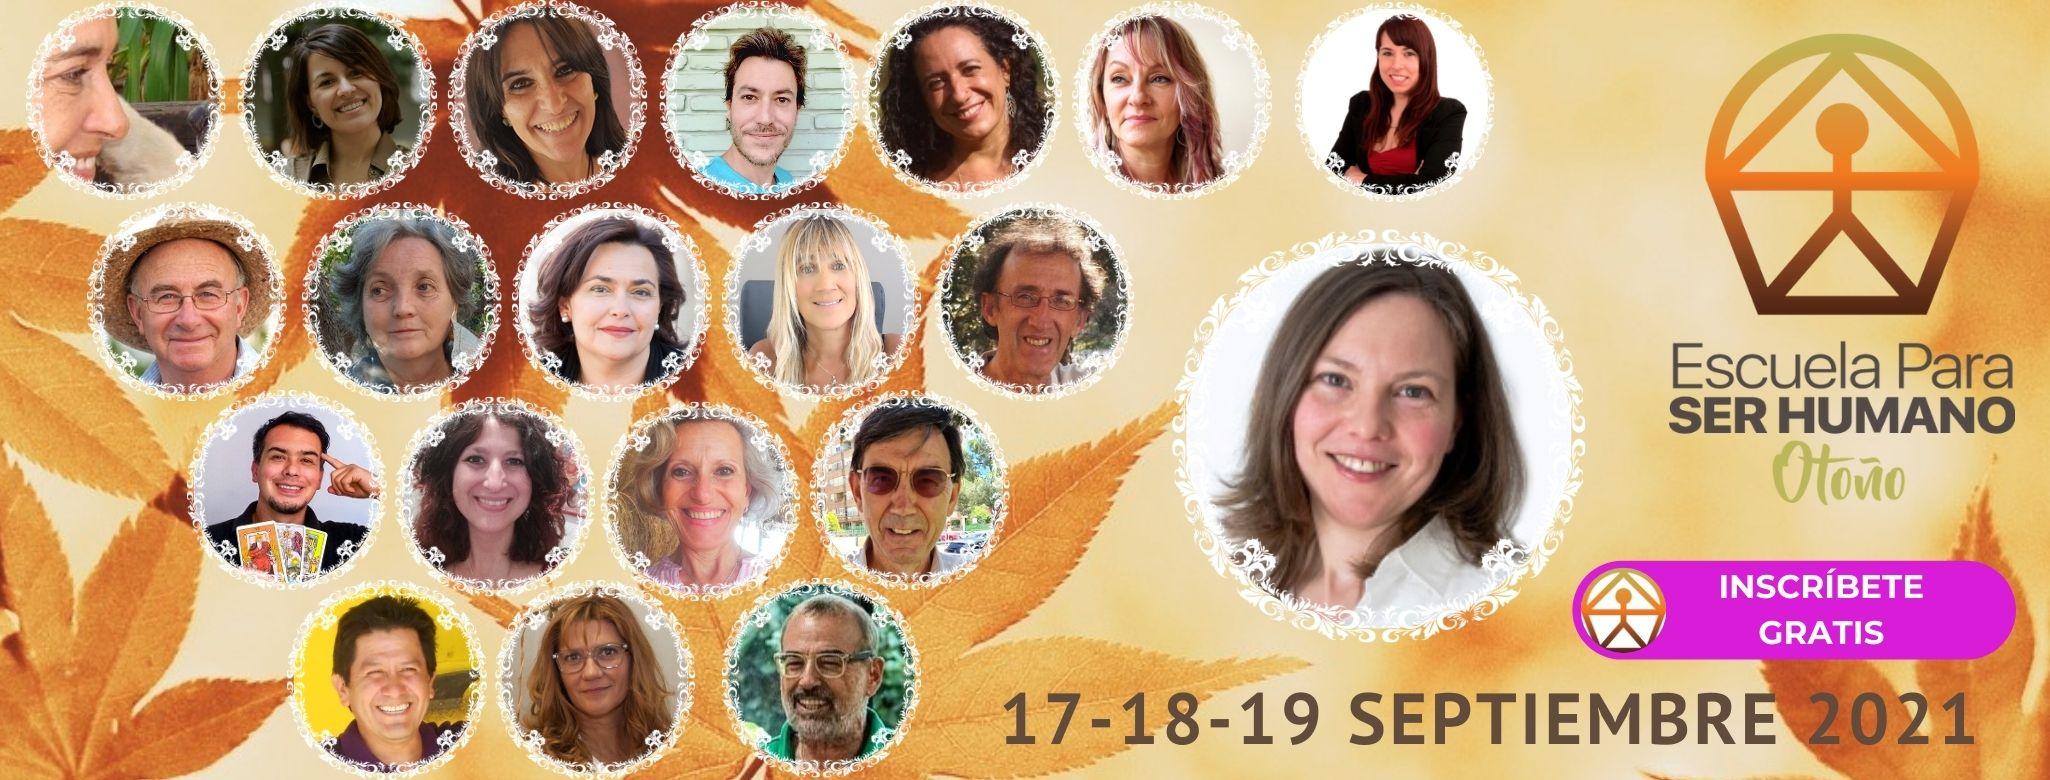 Cumbre Virtual de Naturaleza, Autoconocimiento y Bienestar 17 -19 septiembre 2021